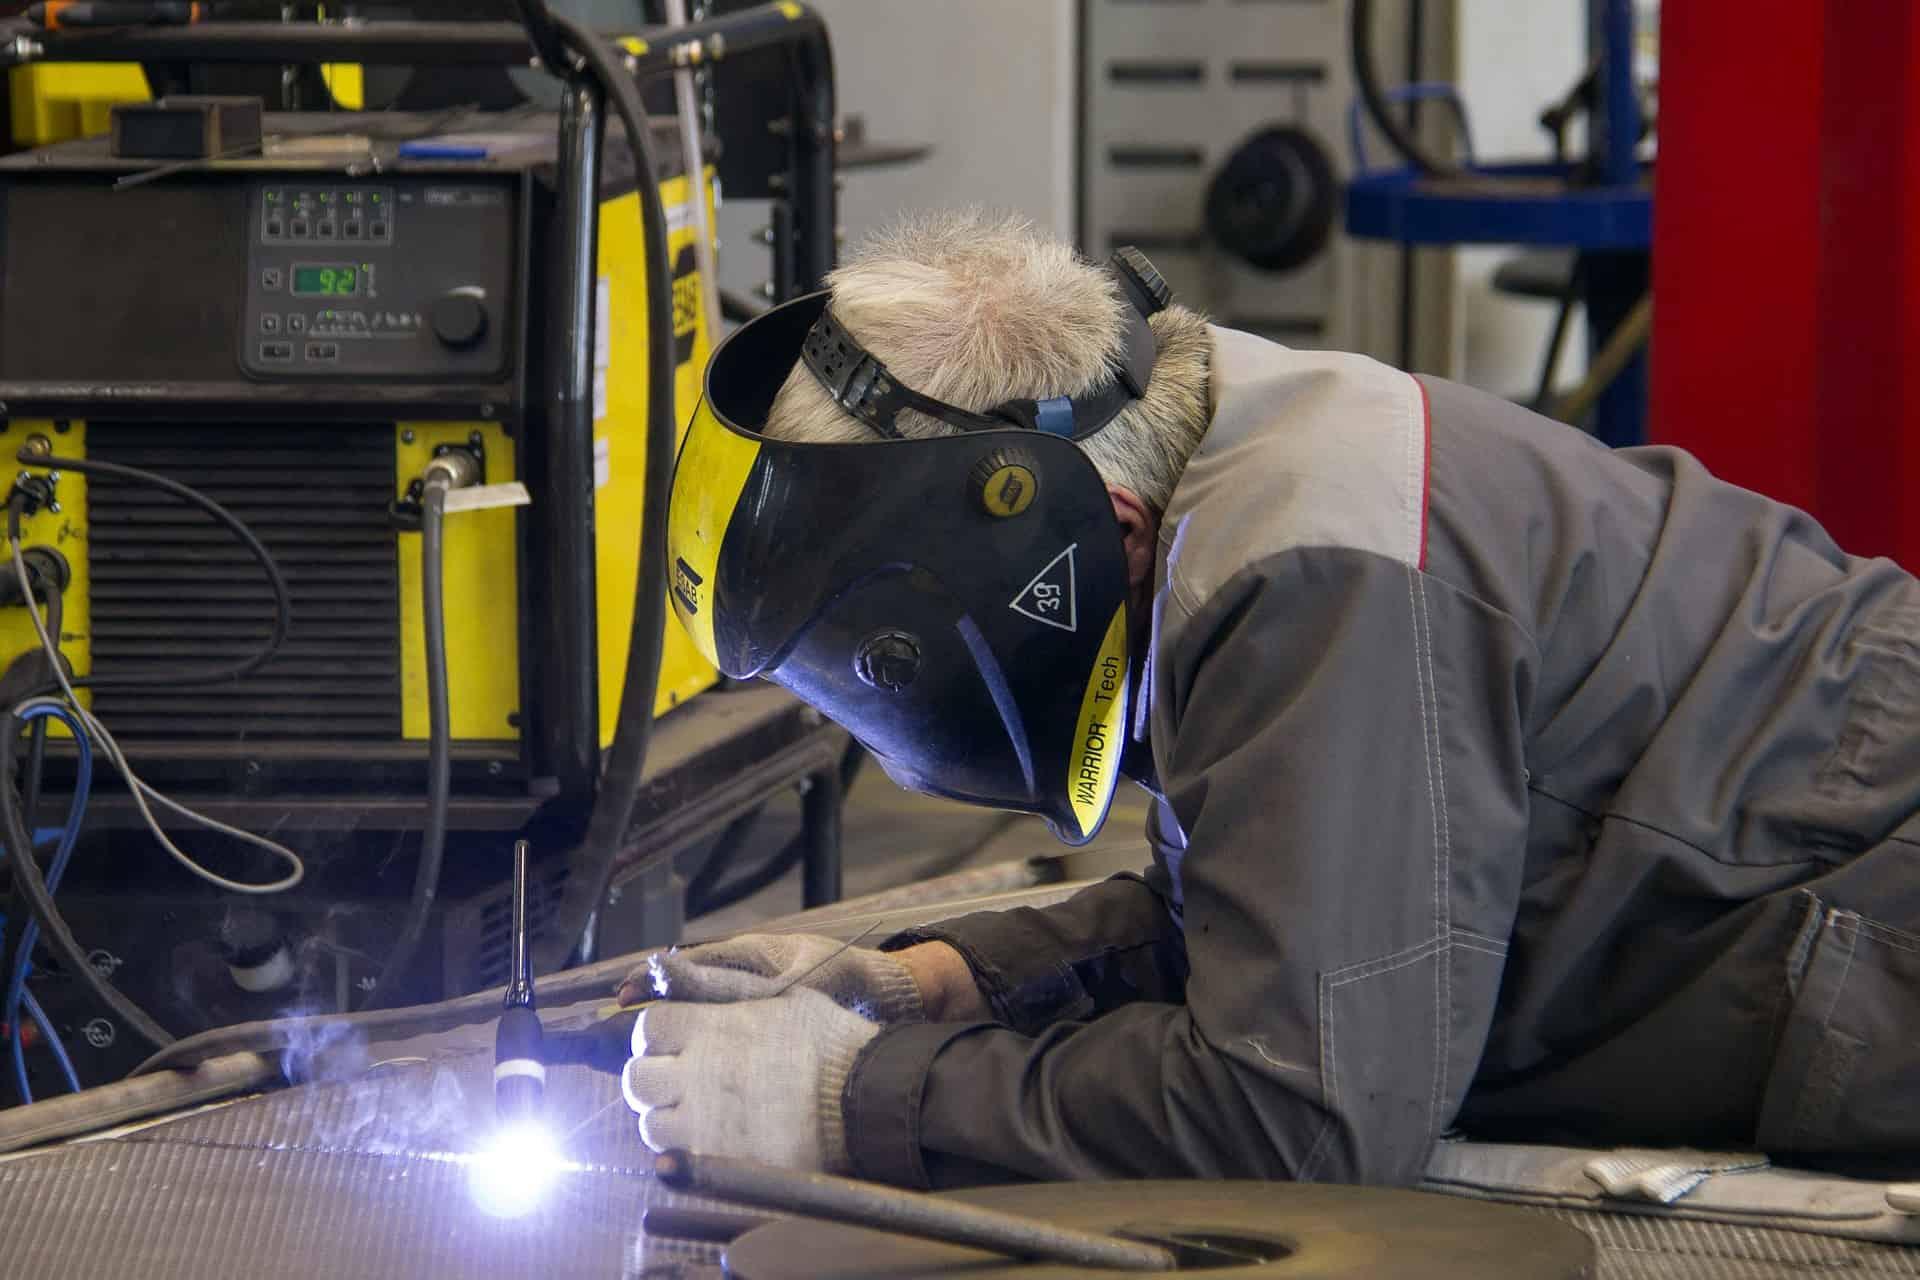 welder with safety gear